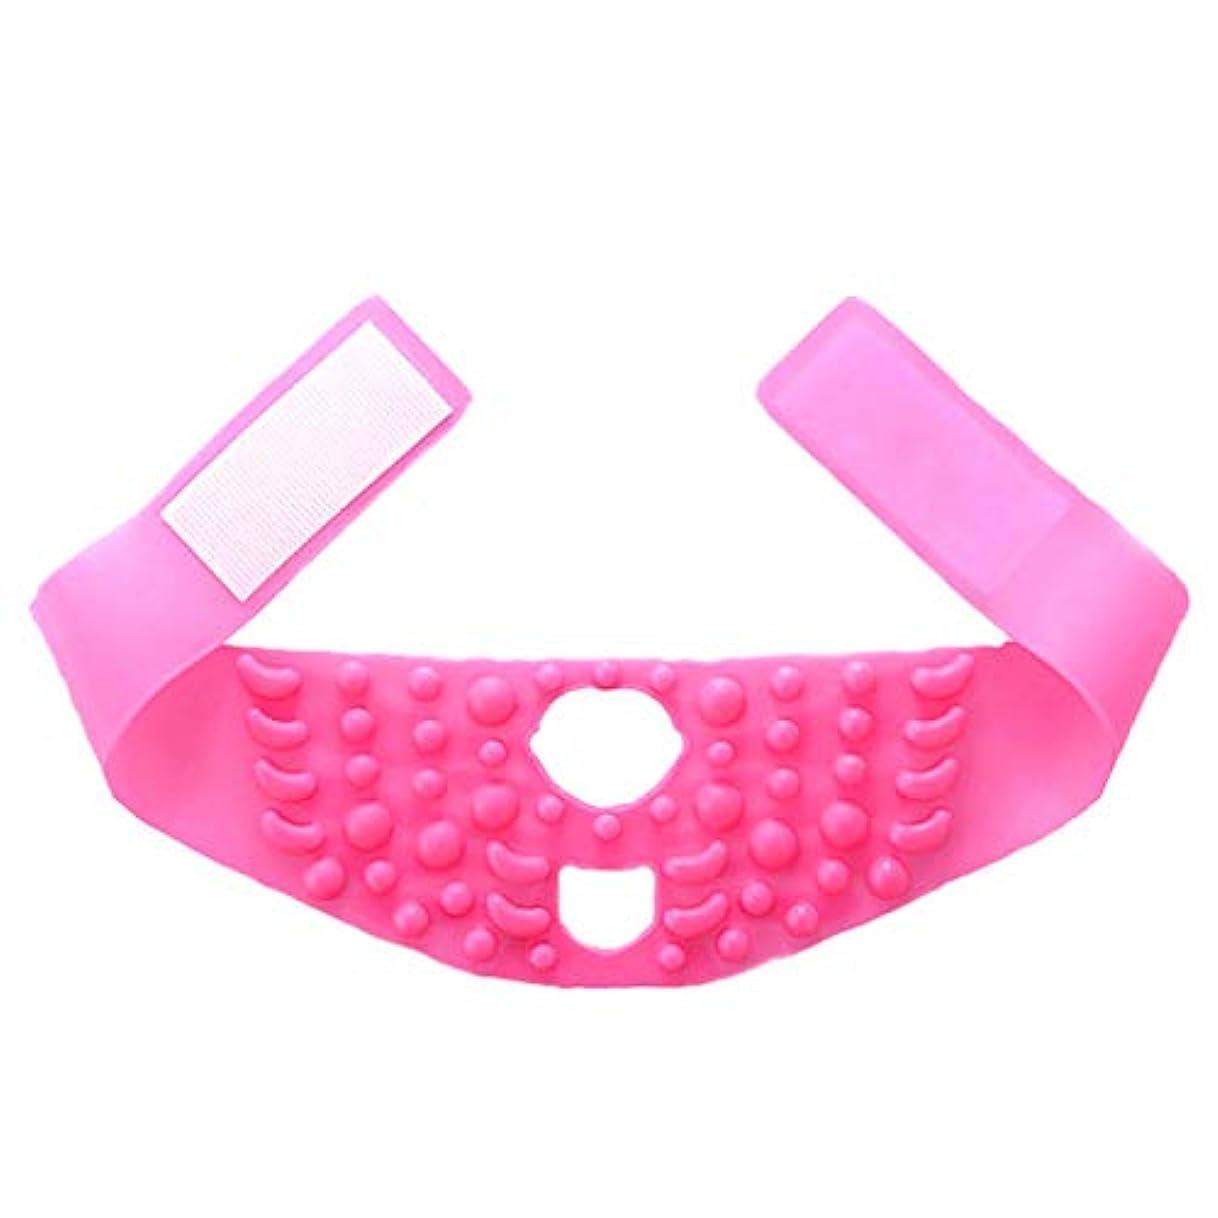 ペルメルコンベンション送料TLMY 顔の持ち上がるマスクのあごのリボンのシリコーンVのマスクのマスク強力な包帯Vの表面の人工物小さいVの顔の包帯顔および首の持ち上がるピンクのシリコーンの包帯 顔用整形マスク